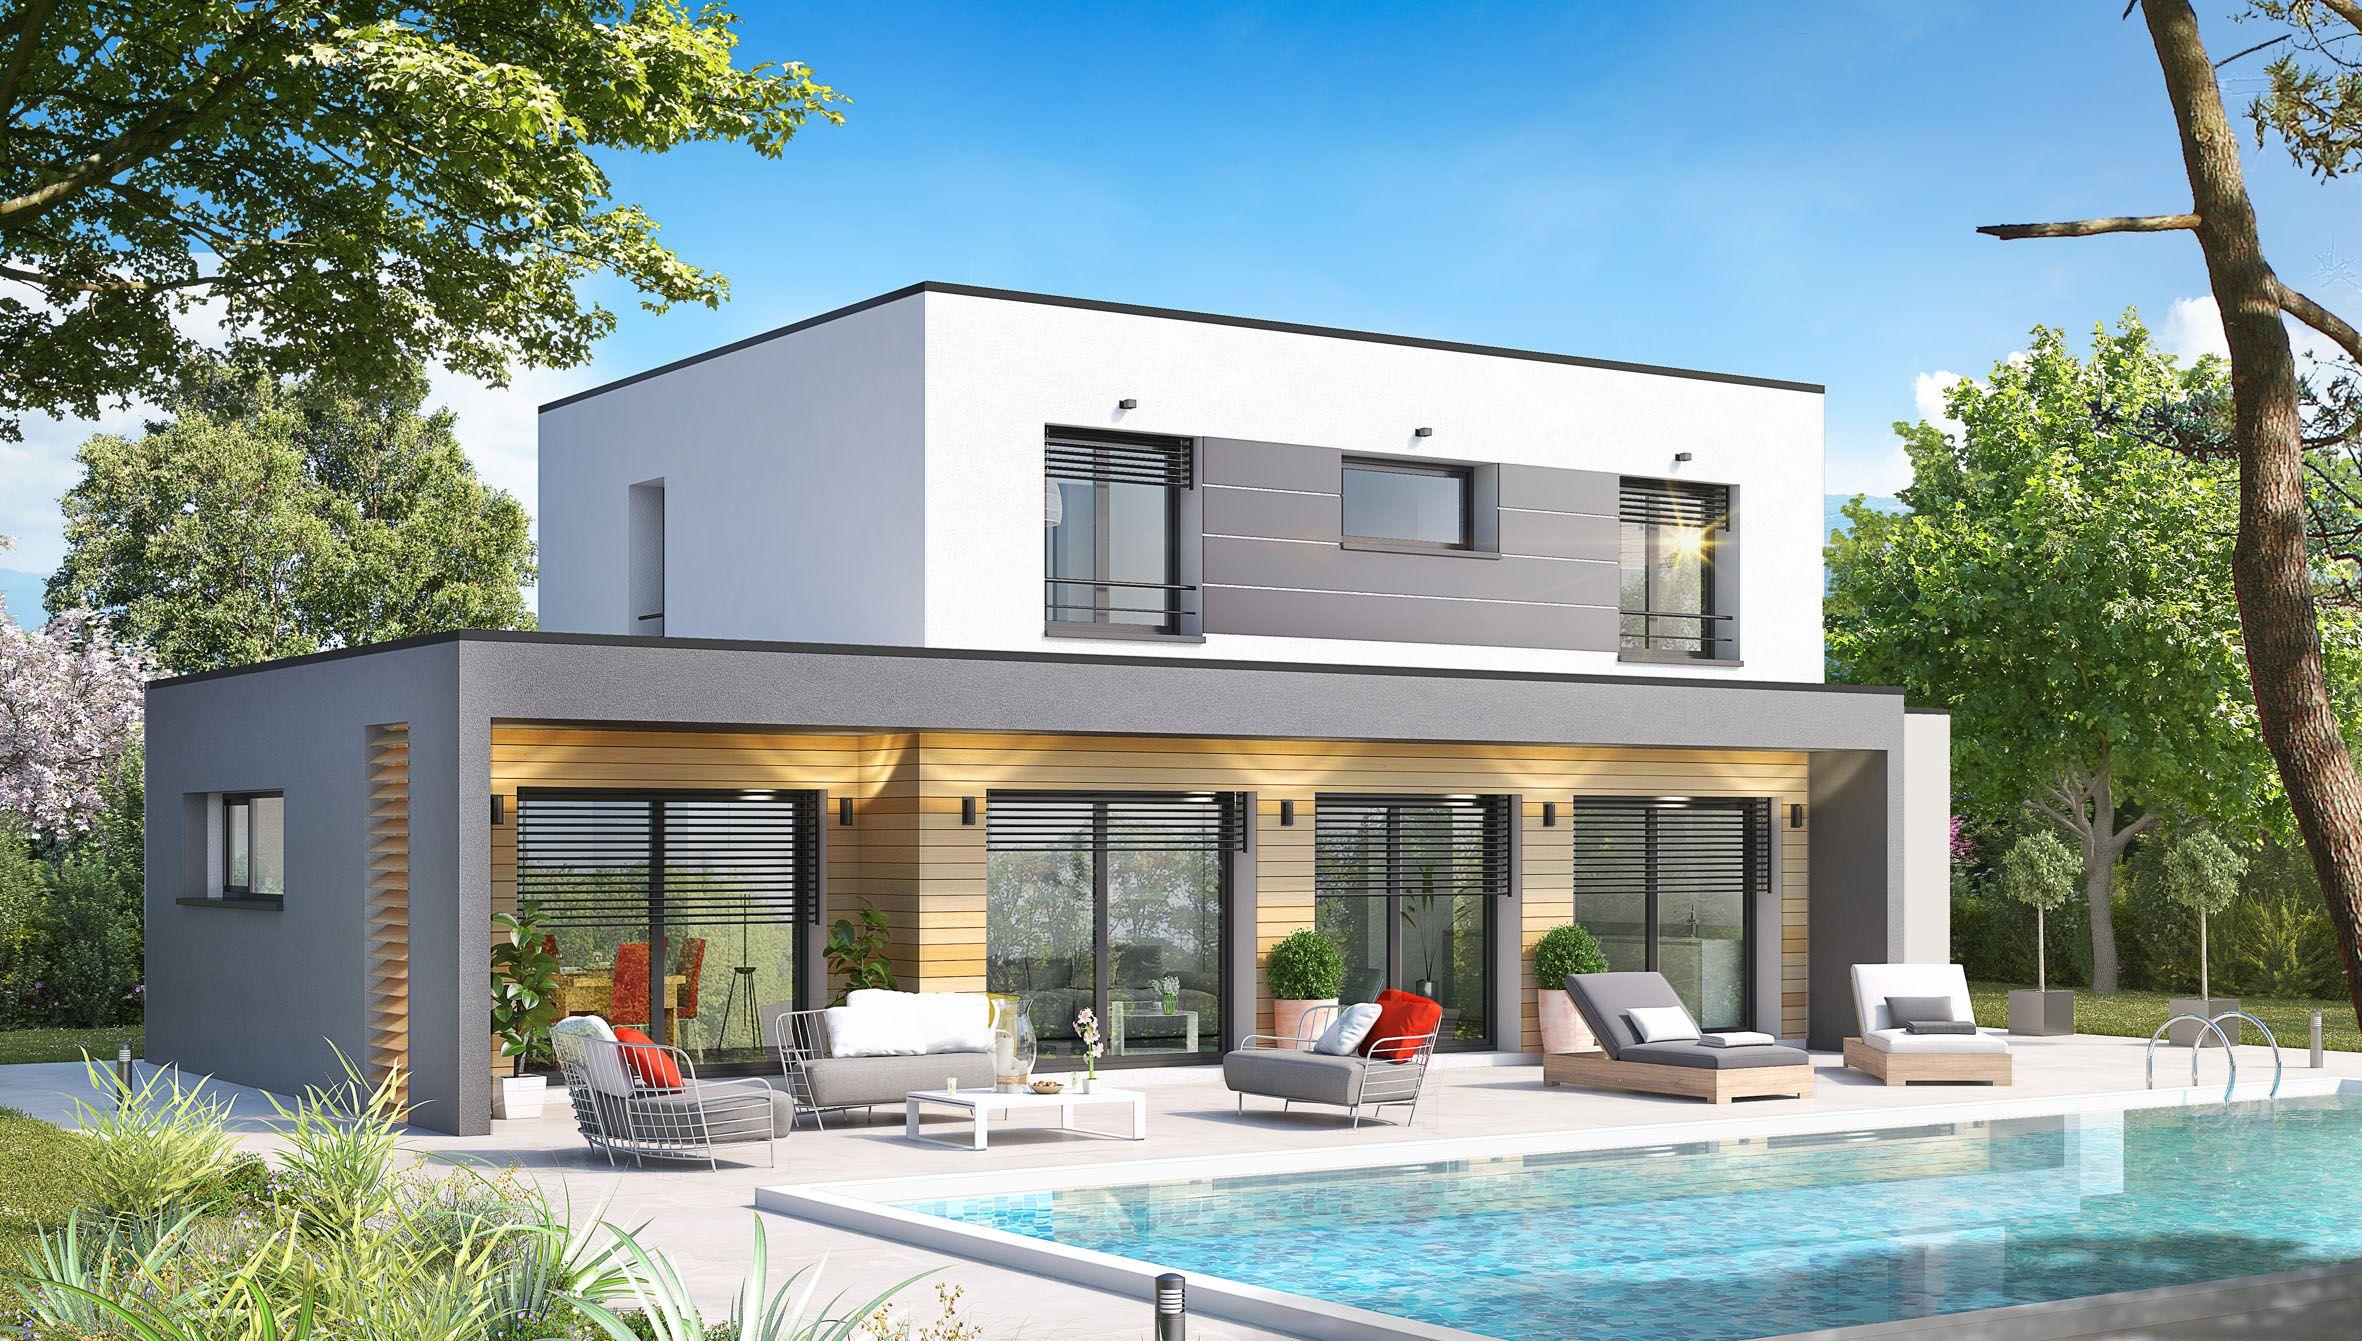 Par Le Constructeur En Savoie Maisons Artis Maison Toit Plat Maison Contemporaine Maison Moderne